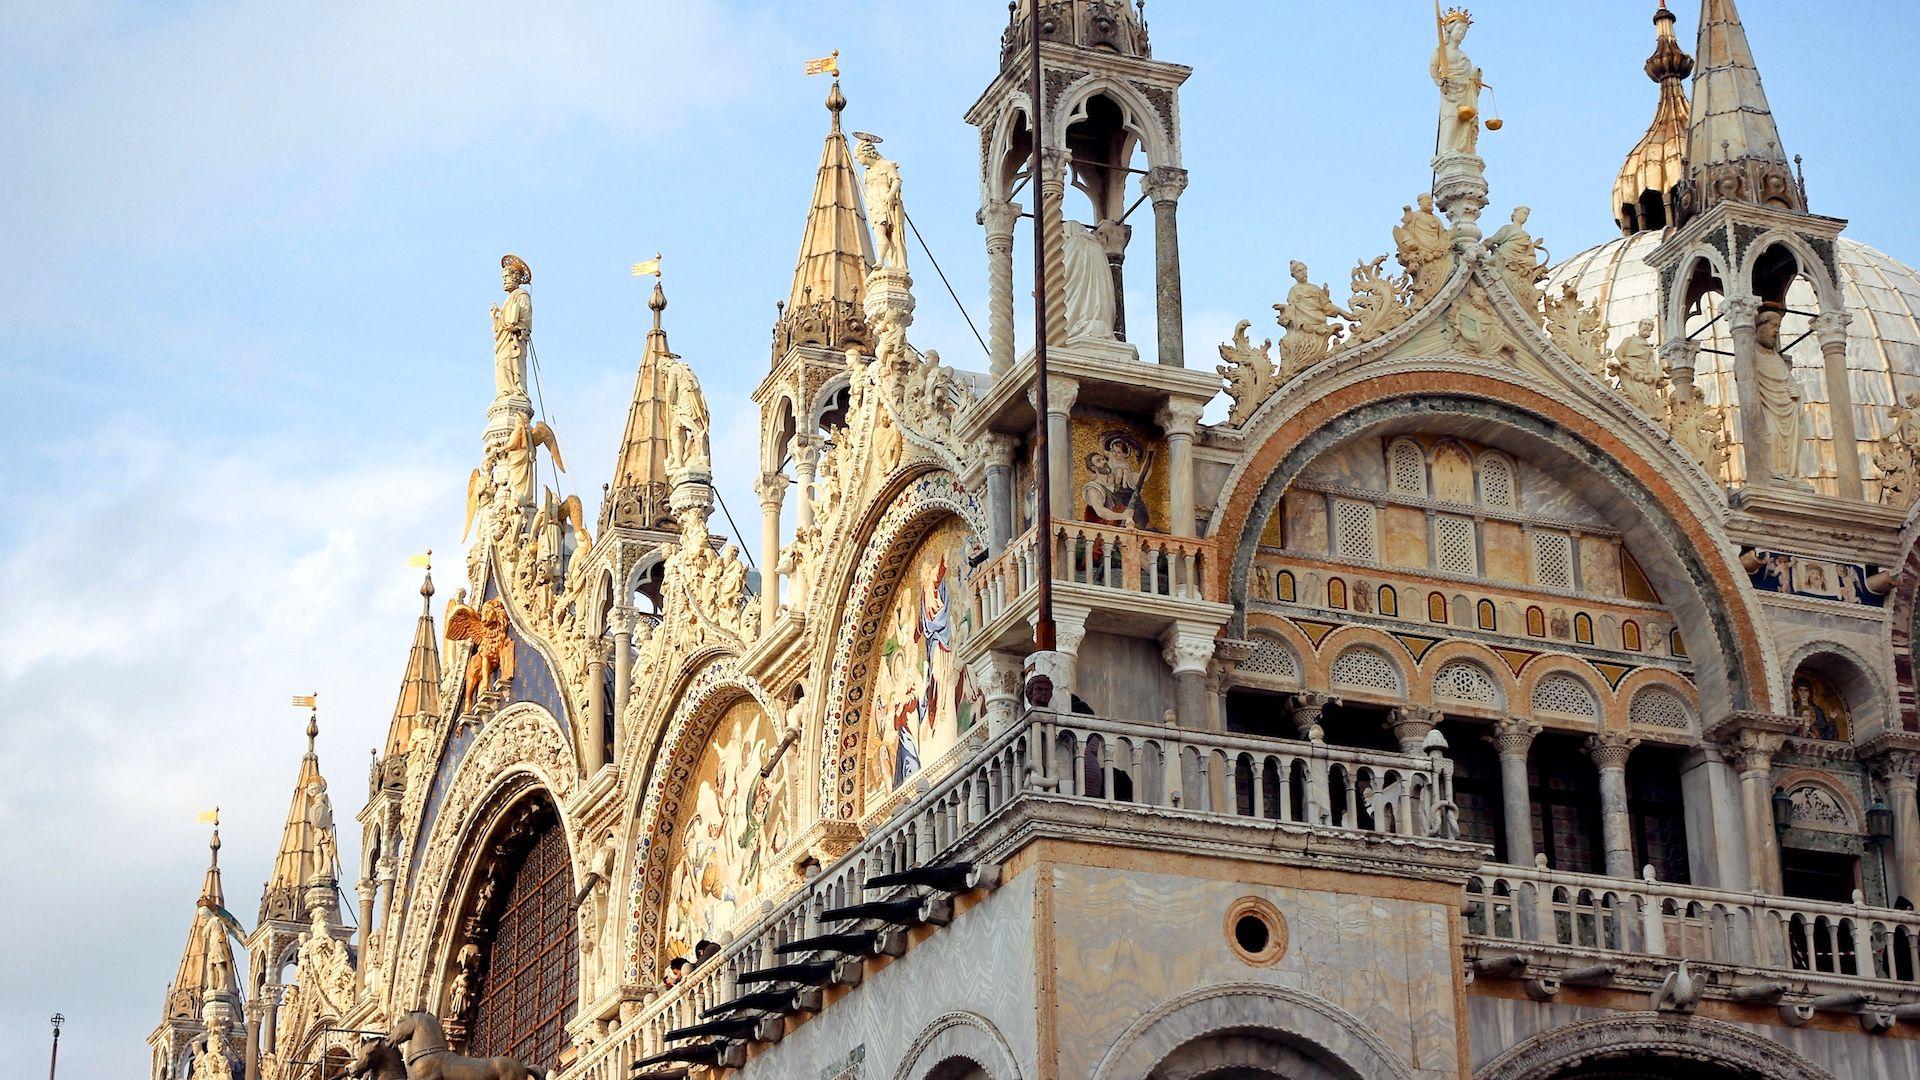 Habrá que pagar un ticket para visitar Venecia. ¿Cuál es el precio? - Conocedores